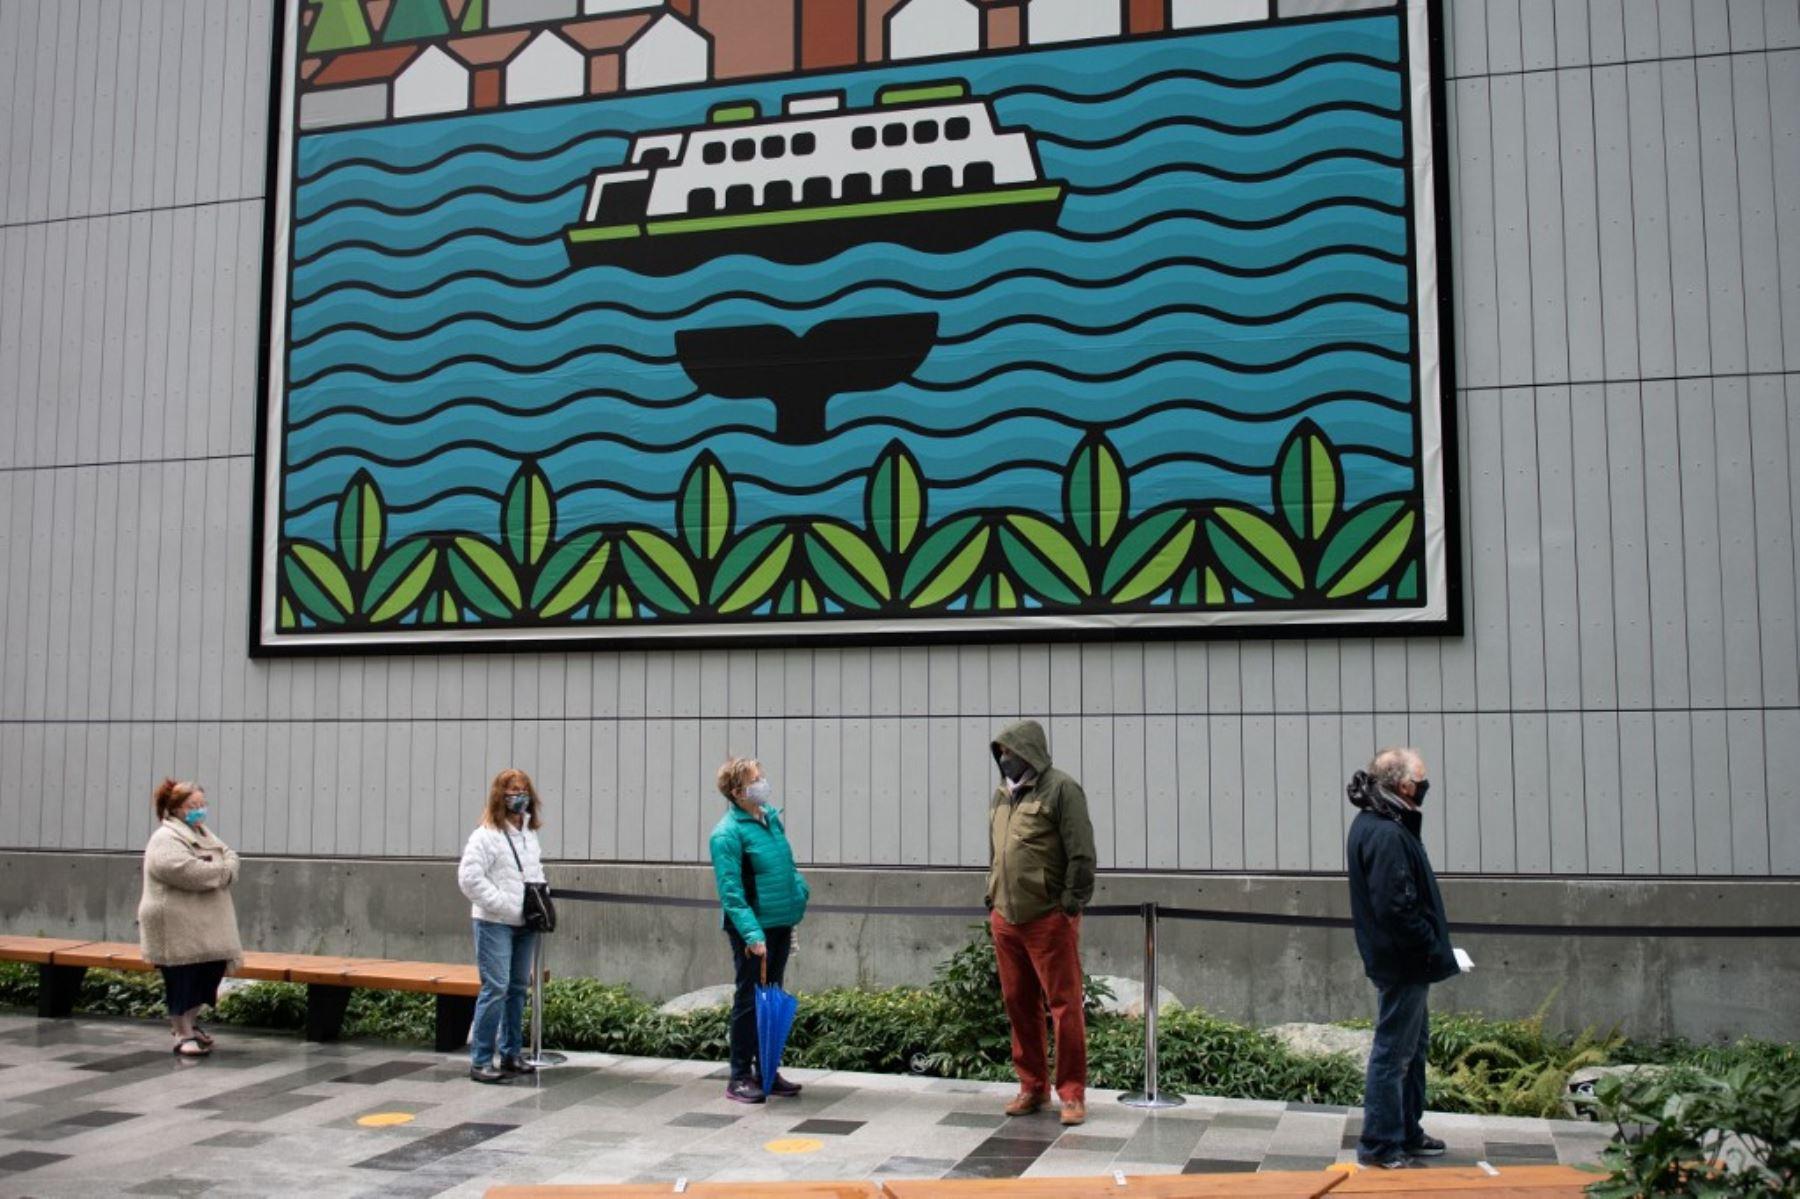 Los pacientes esperan en la fila para su cita de vacunación Covid-19 con Virginia Mason, en el Amazon Meeting Center en el centro de Seattle, Washington. Foto: AFP